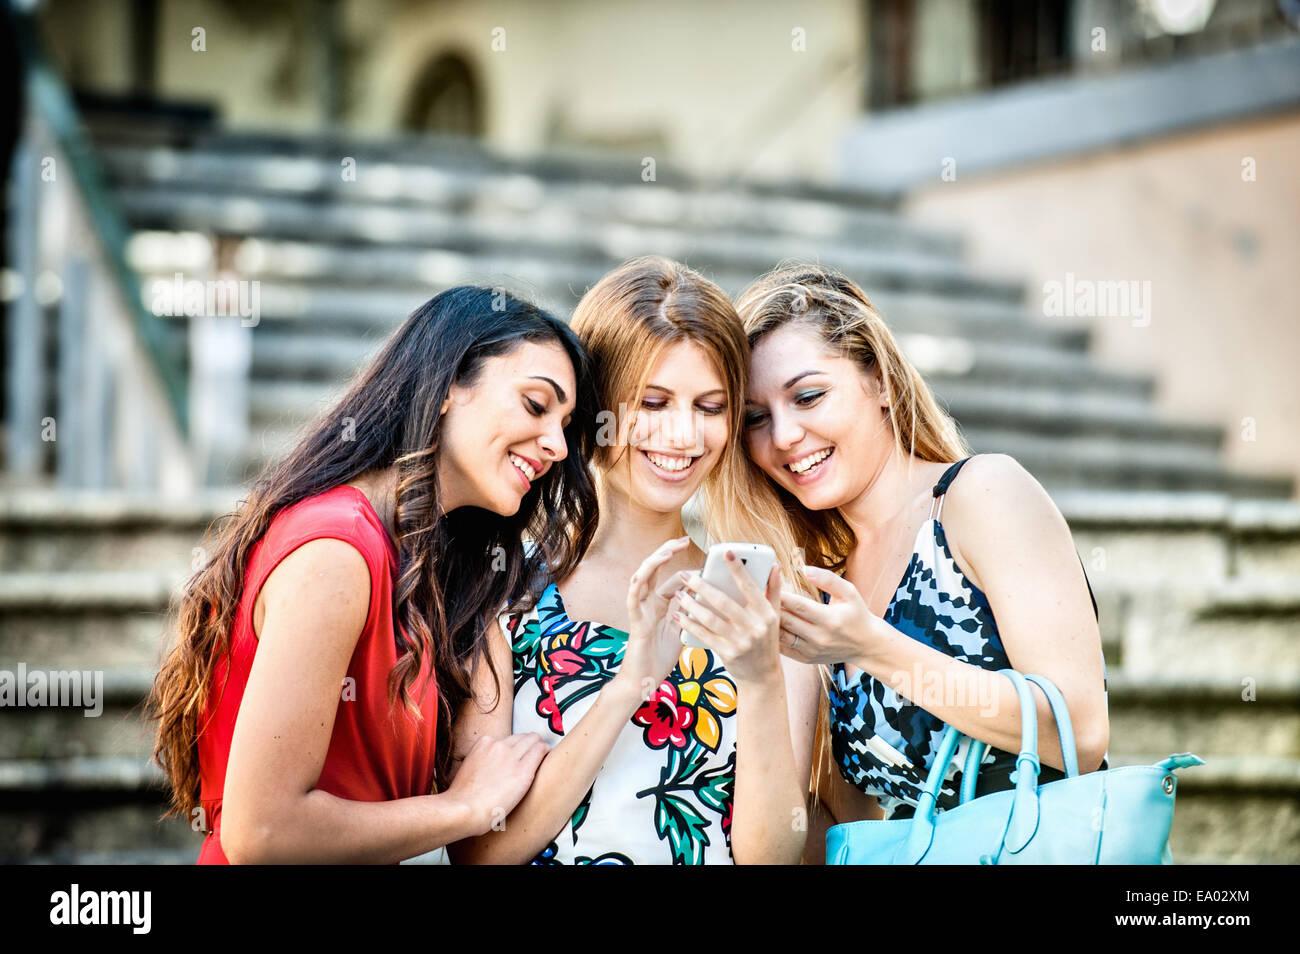 Tre giovani alla moda donna guardando smartphone, Cagliari, Sardegna, Italia Immagini Stock